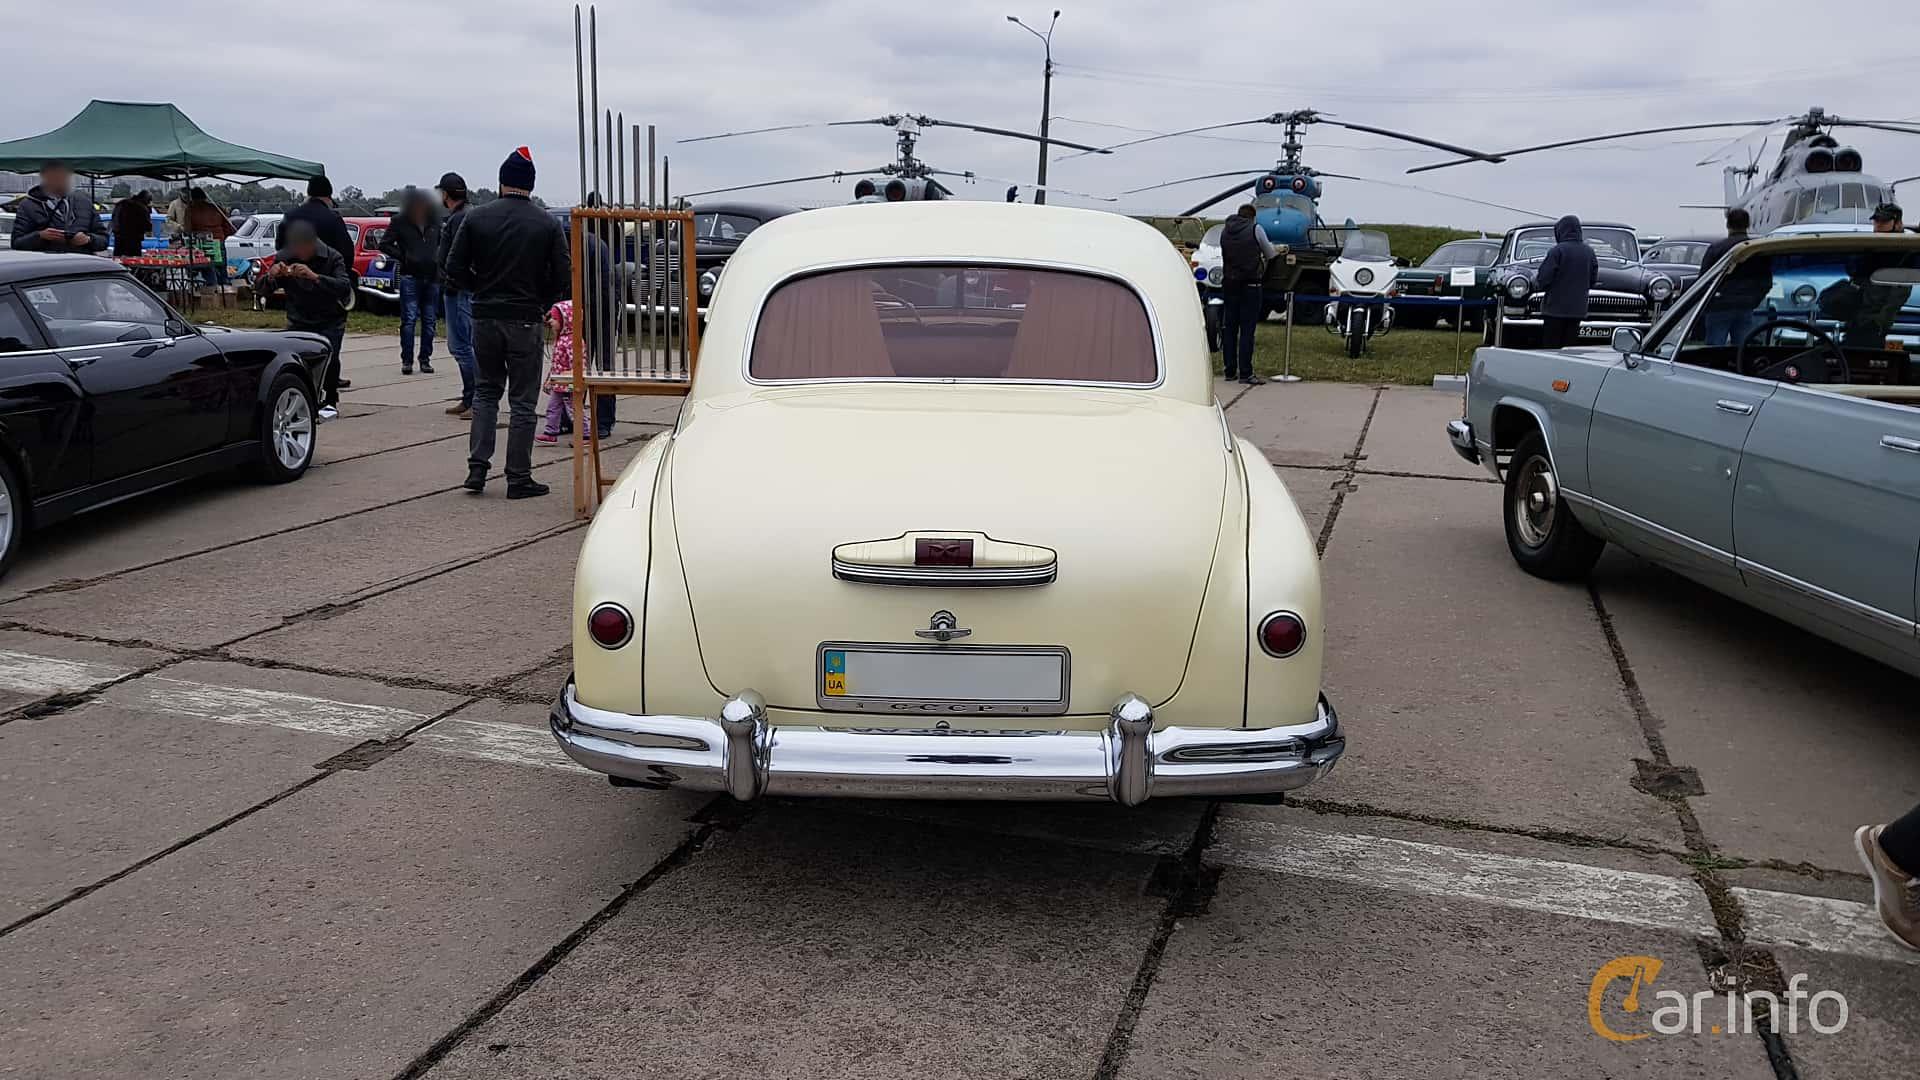 GAZ 12 ZIM 3.5 Manual, 90hp, 1948 at Old Car Land no.2 2017